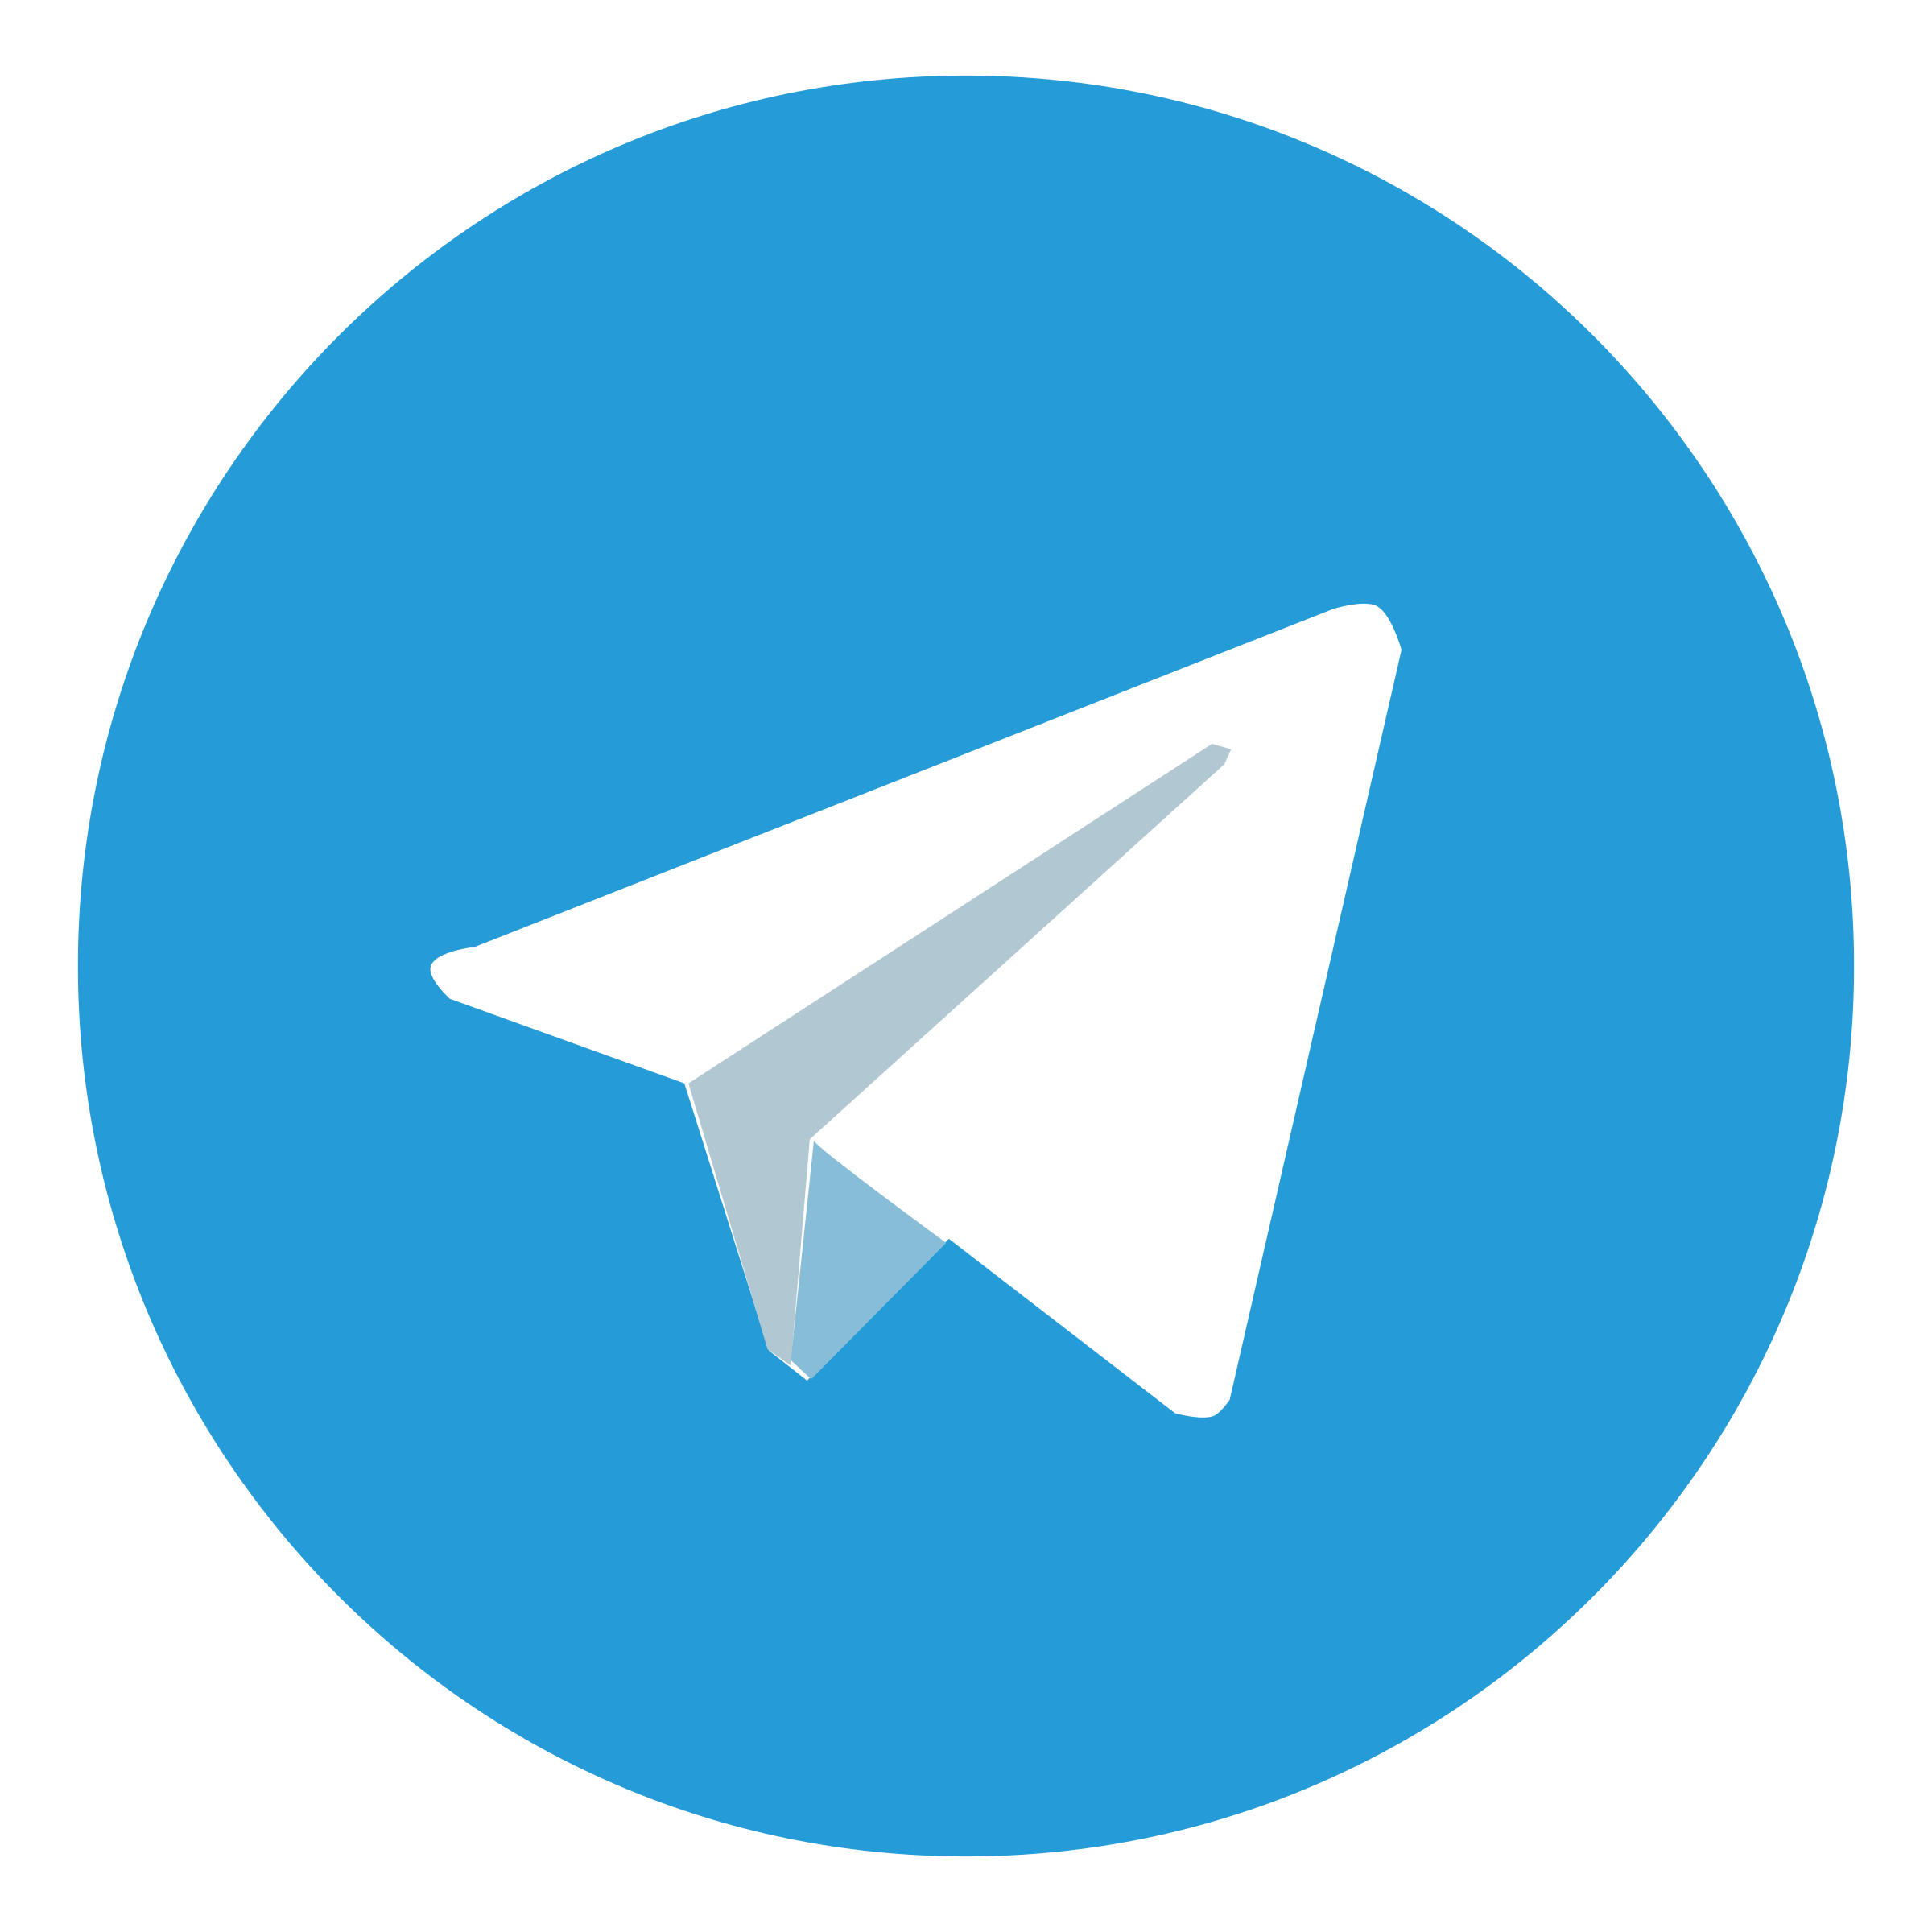 фото: лого Telegram